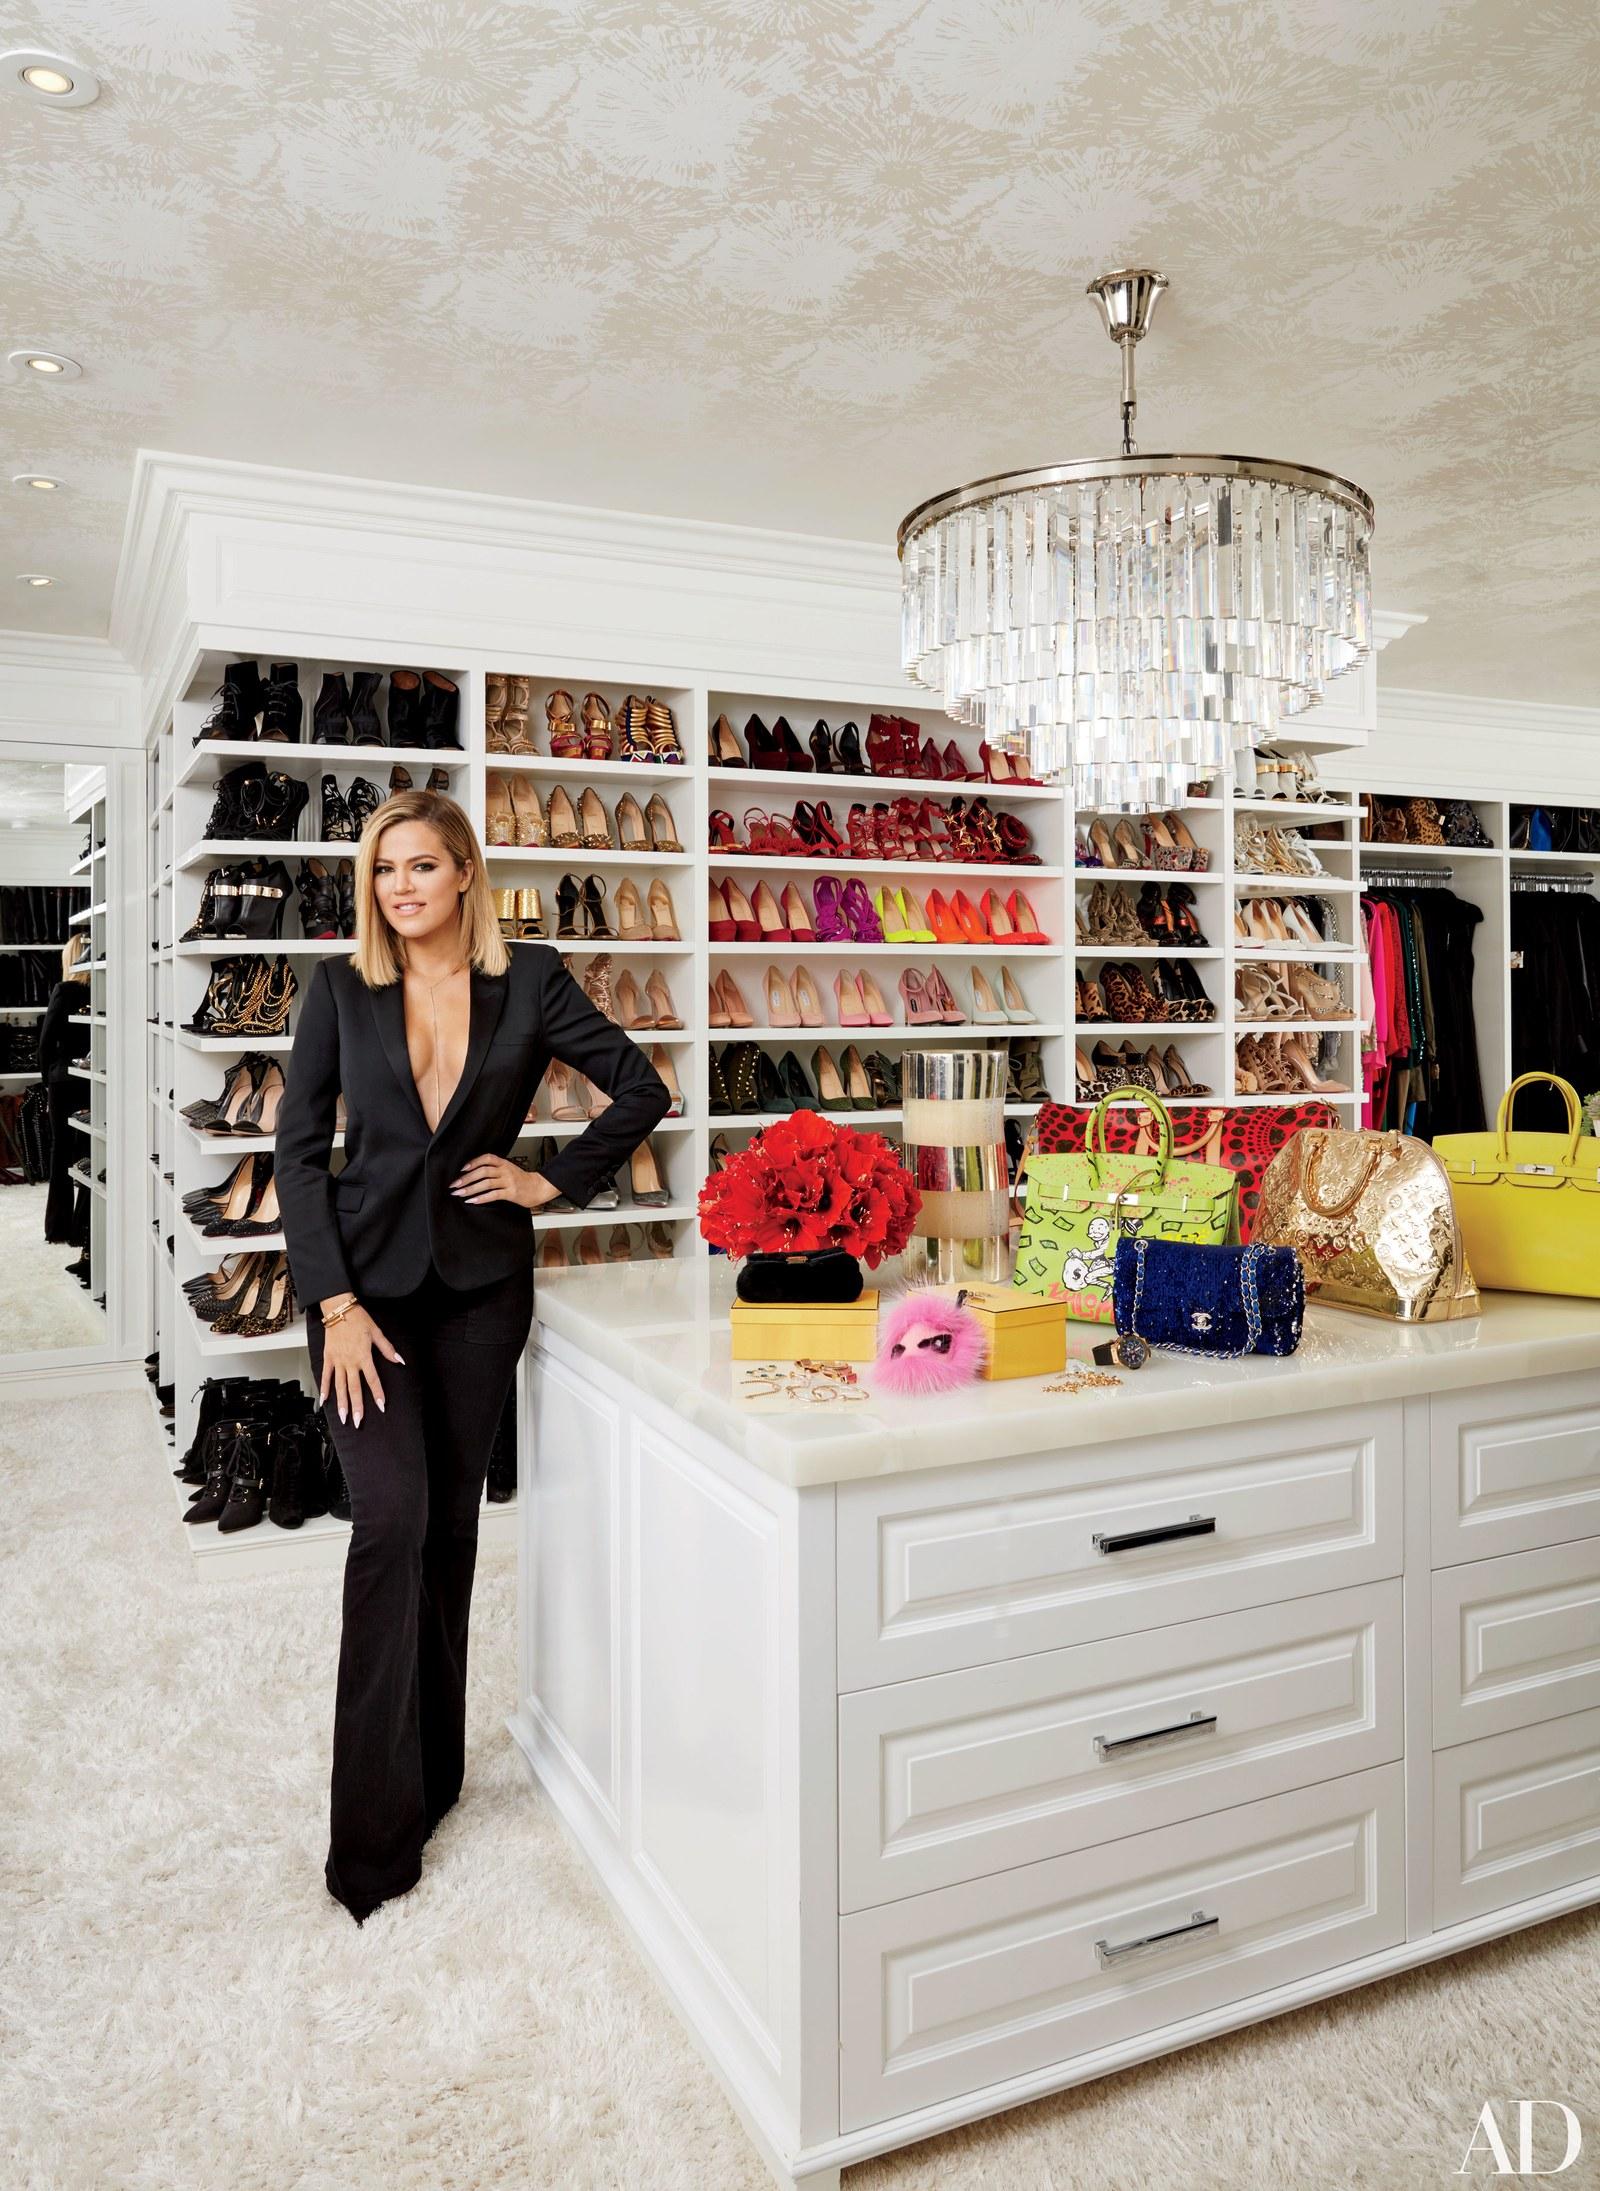 Khloe Kardashian otthona Kaliforniában - Fotó: Roger Davies